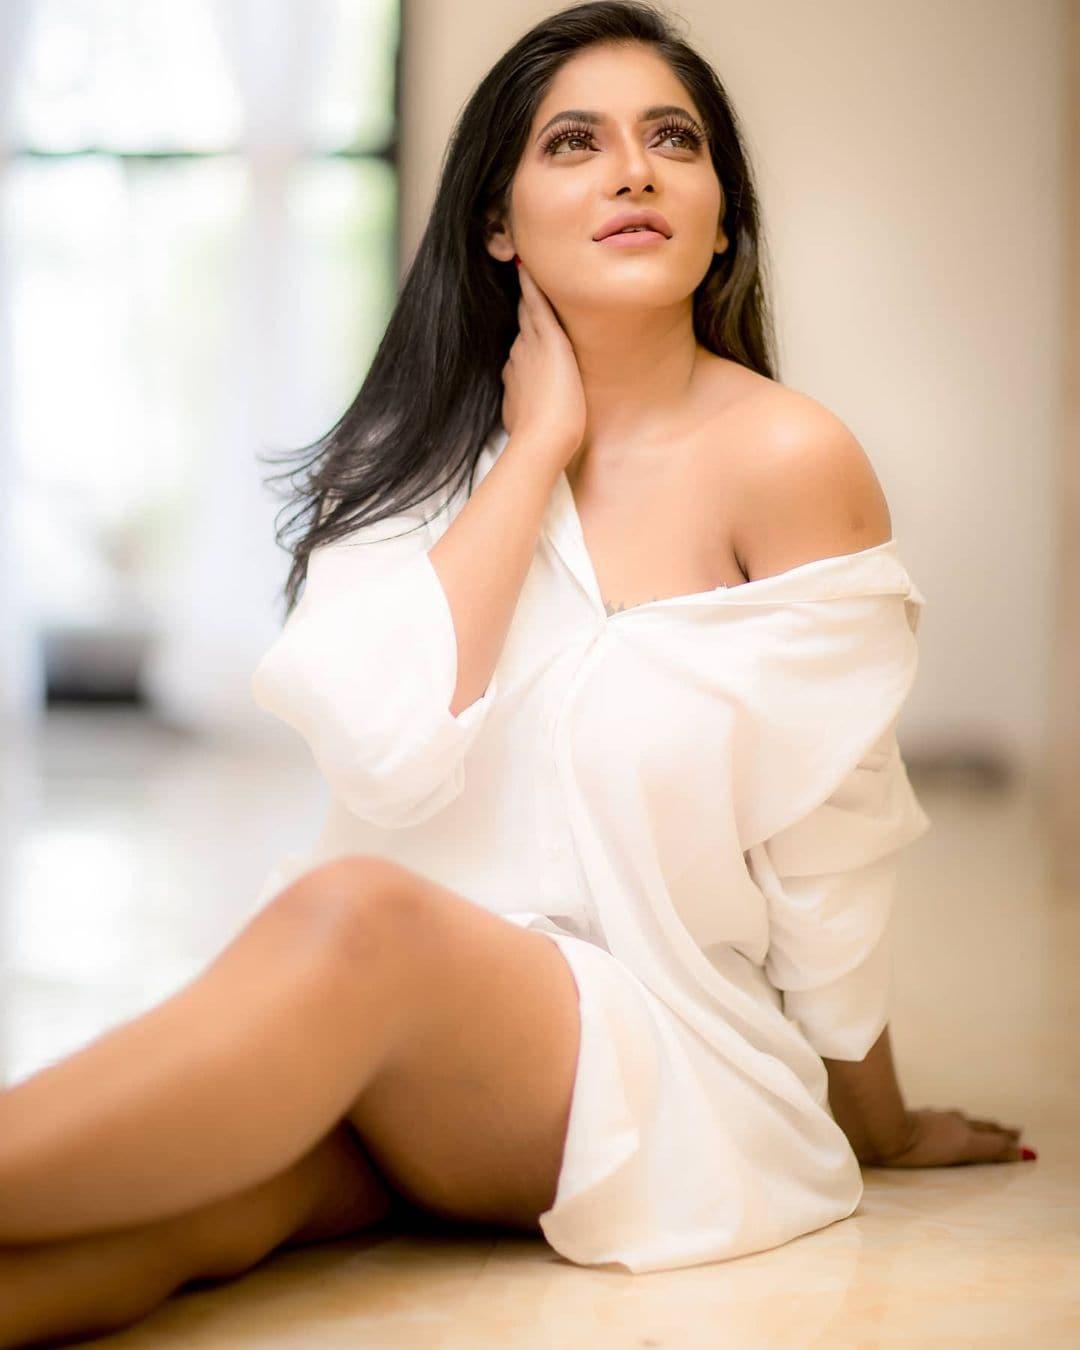 நடிகை ரேஷ்மா பசுபுலேட்டி ( Image :Instagram @reshmapasupuleti)